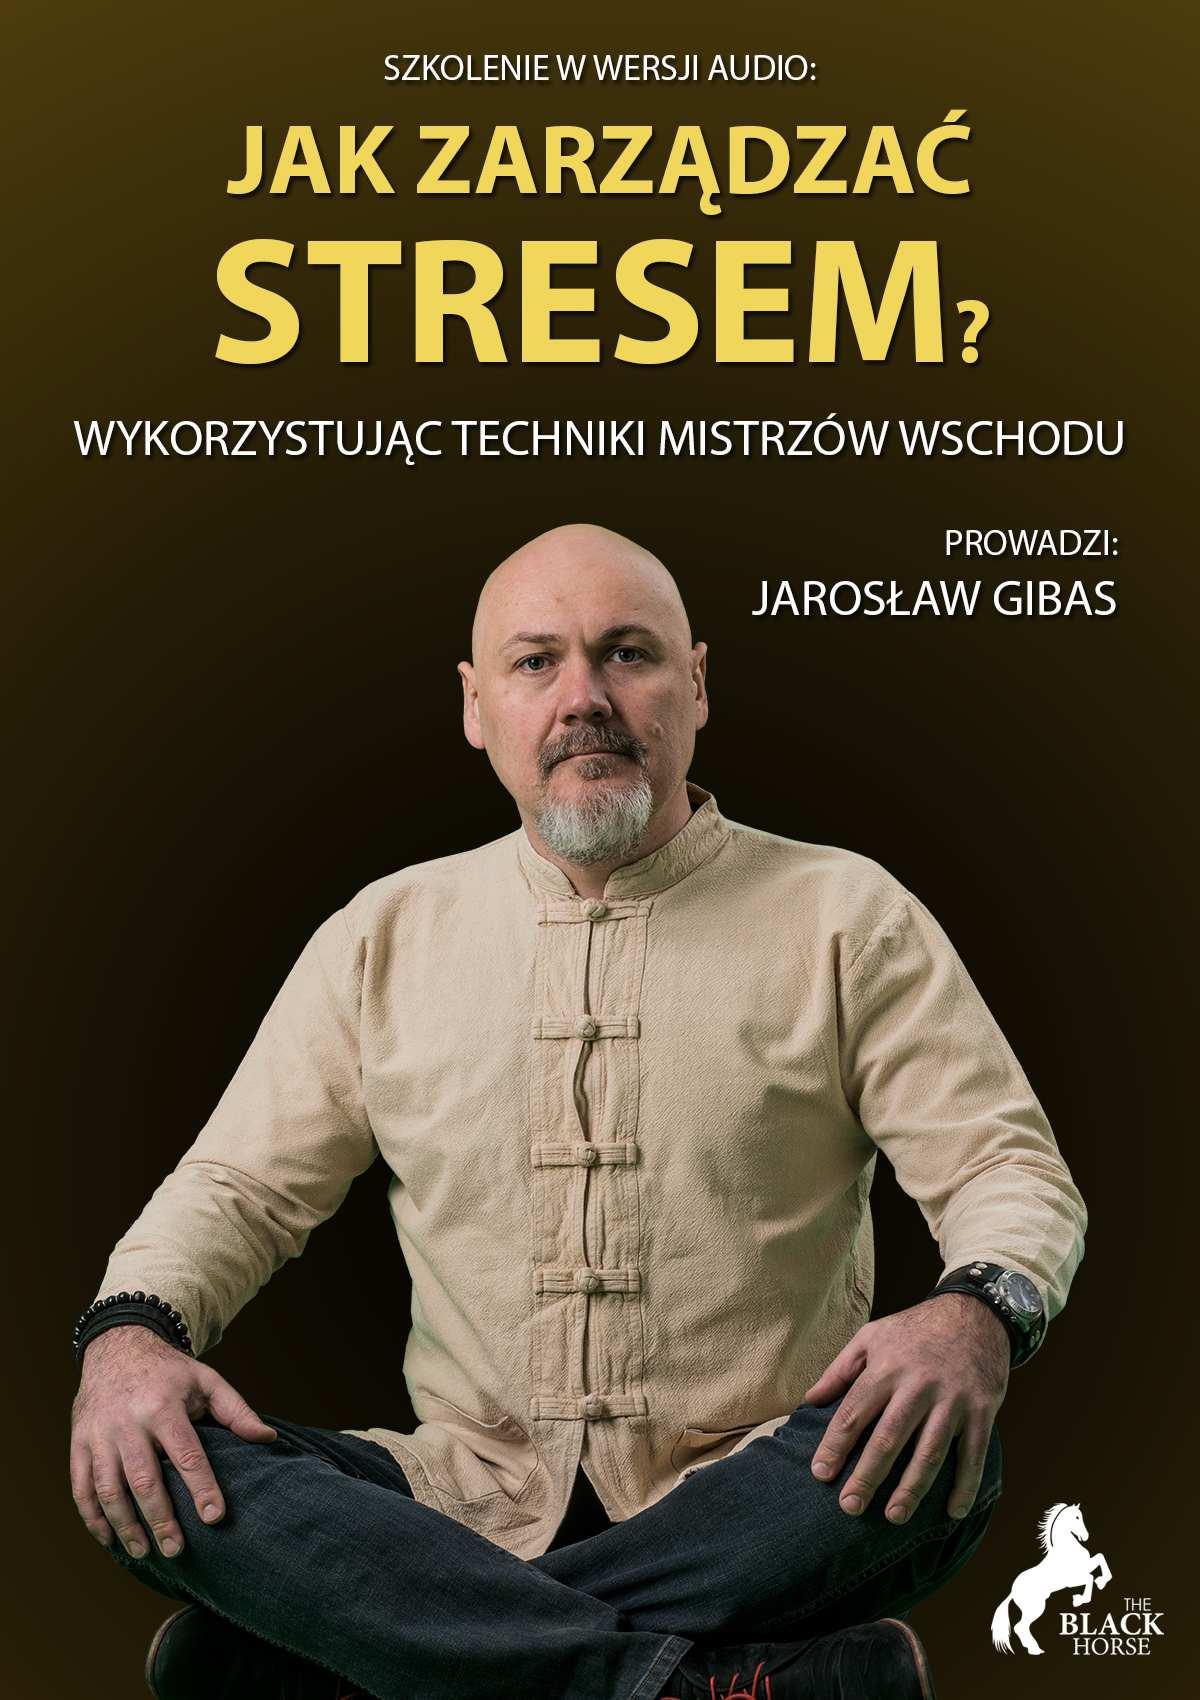 Jak zarządzać stresem? Wykorzystując techniki mistrzów wschodu - Audiobook (Książka audio MP3) do pobrania w całości w archiwum ZIP